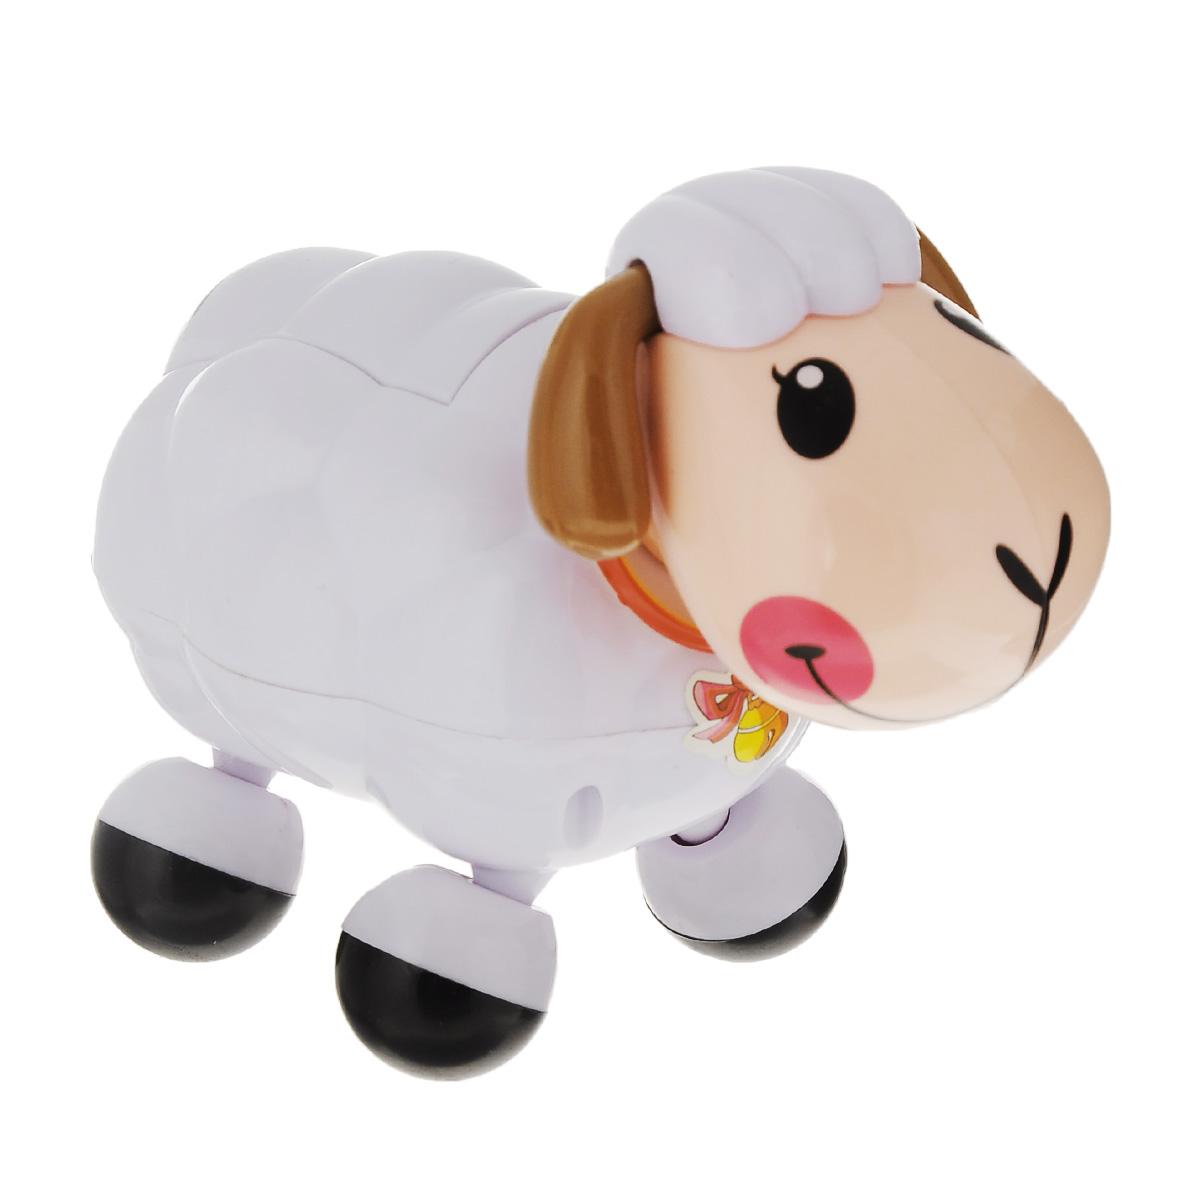 Электронная развивающая игрушка Веселая овечка, цвет: белый231белыйТакие игрушки не только развлекают малышей, но и развивают двигательную активность. За такой игрушкой дети с удовольствием будут двигаться, становясь более ловкими, сильными и быстрыми. А веселая мелодия будет служить отличным аккомпанементом в их подвижных играх. Порадуйте ребенка таким замечательным подарком! Игрушка работает от 2 батареек типа АА (товар комплектуется демонстрационными).